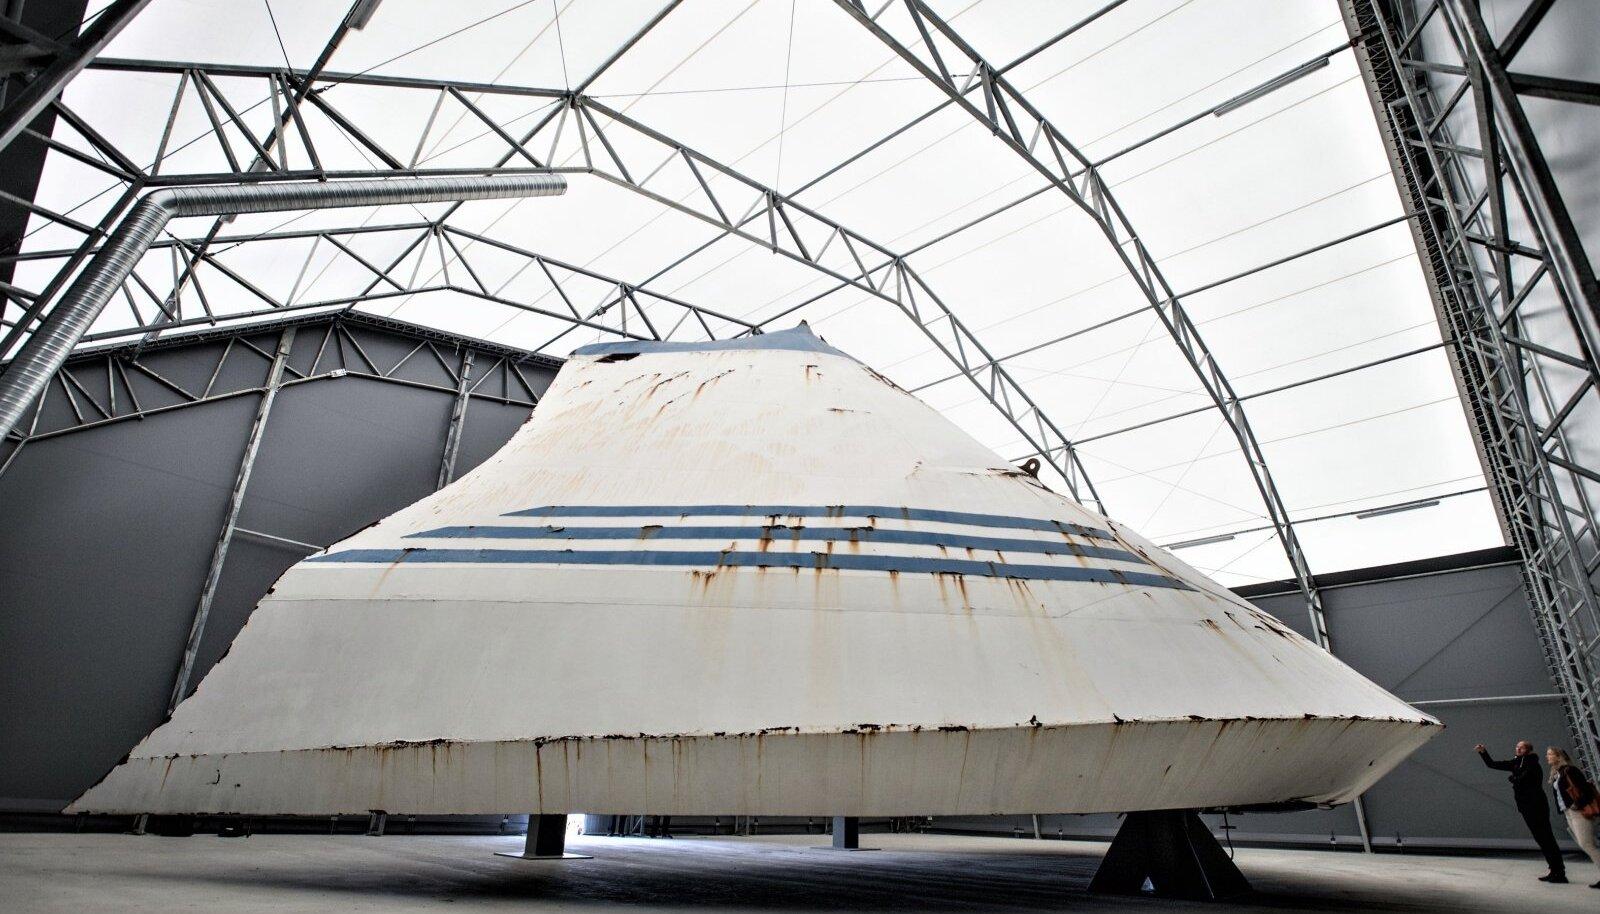 KURIKUULUS: Estonia visiir asub Rootsi mereväebaasis Muskö saarel.